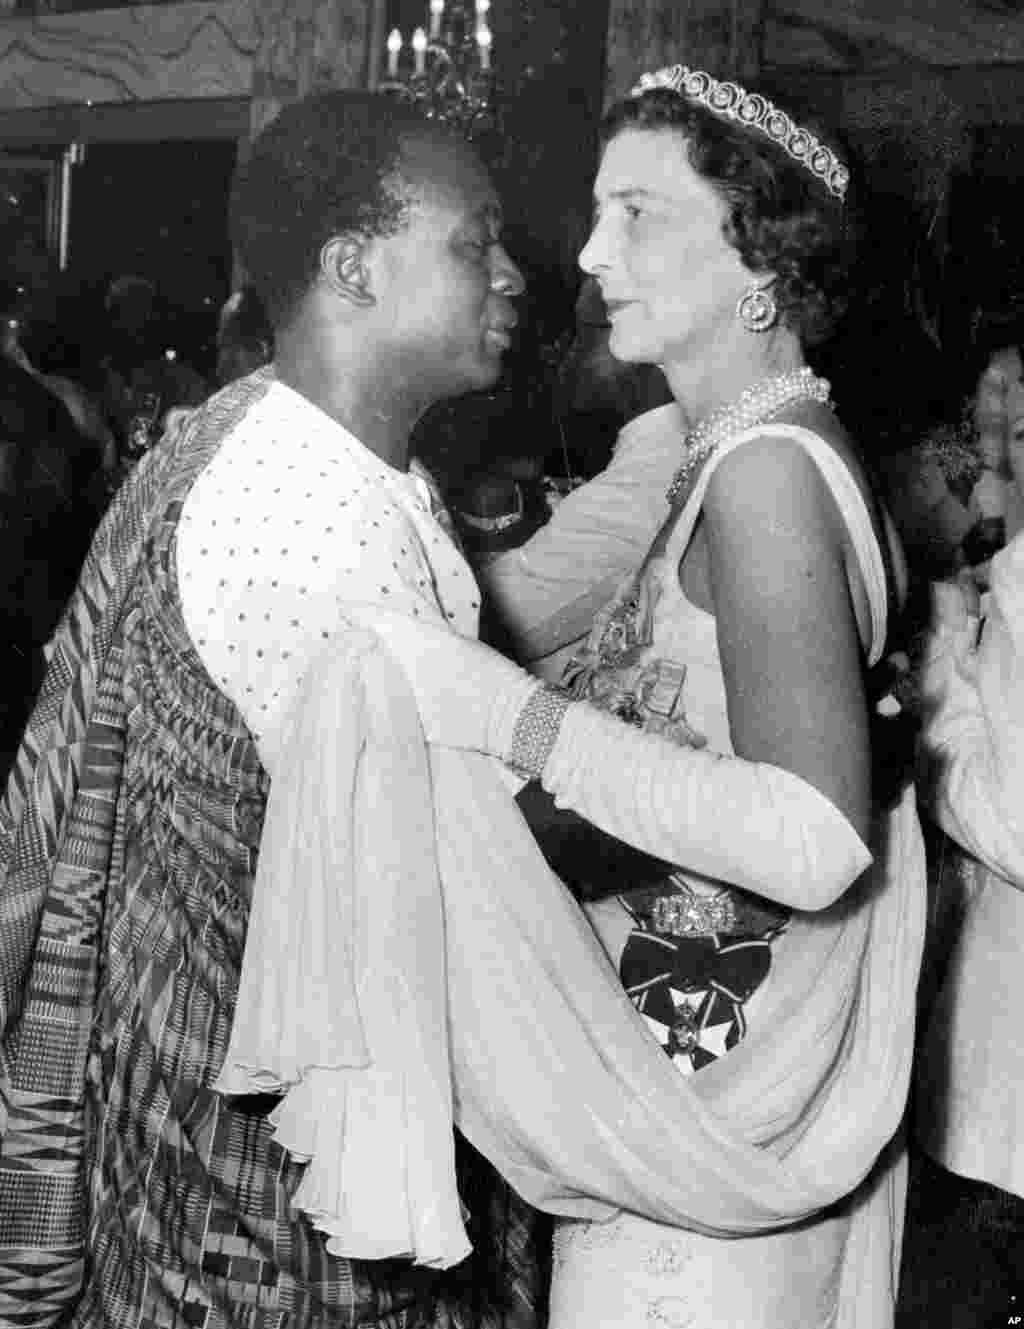 Magajiyar Kent (Duchess of Kent) tana taka rawa tare da Kwame Nkrumah, firayim ministan Ghana na farko a wajen wata gagarumar liyafar da aka shirya a ranar 6 Maris 1957, domin murnar 'yancin kan kasar Ghana wanda ta samu a wannan rana.(AP Photo/Staff/Burroughs)